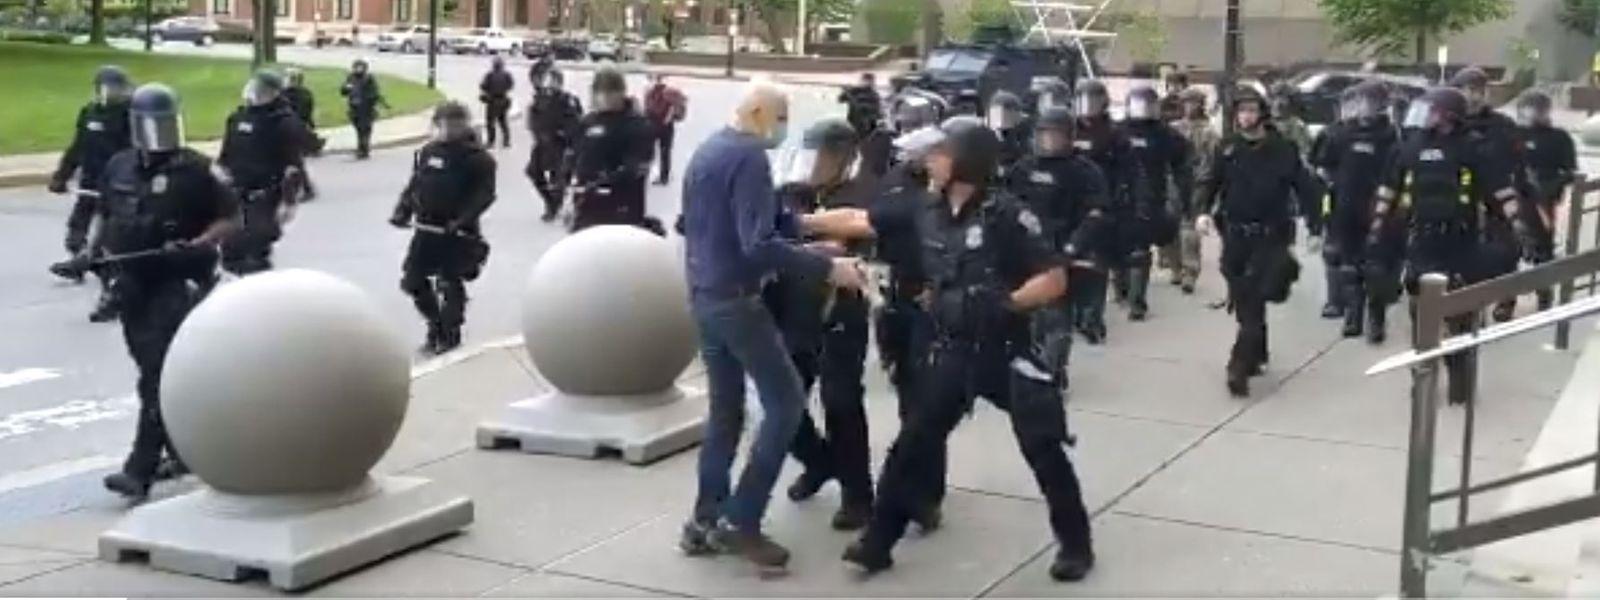 Der Demonstrant (im blauen Sweatshirt) fiel durch den Stoß der Polizisten zu Boden und verletzte sich schwer am Kopf.